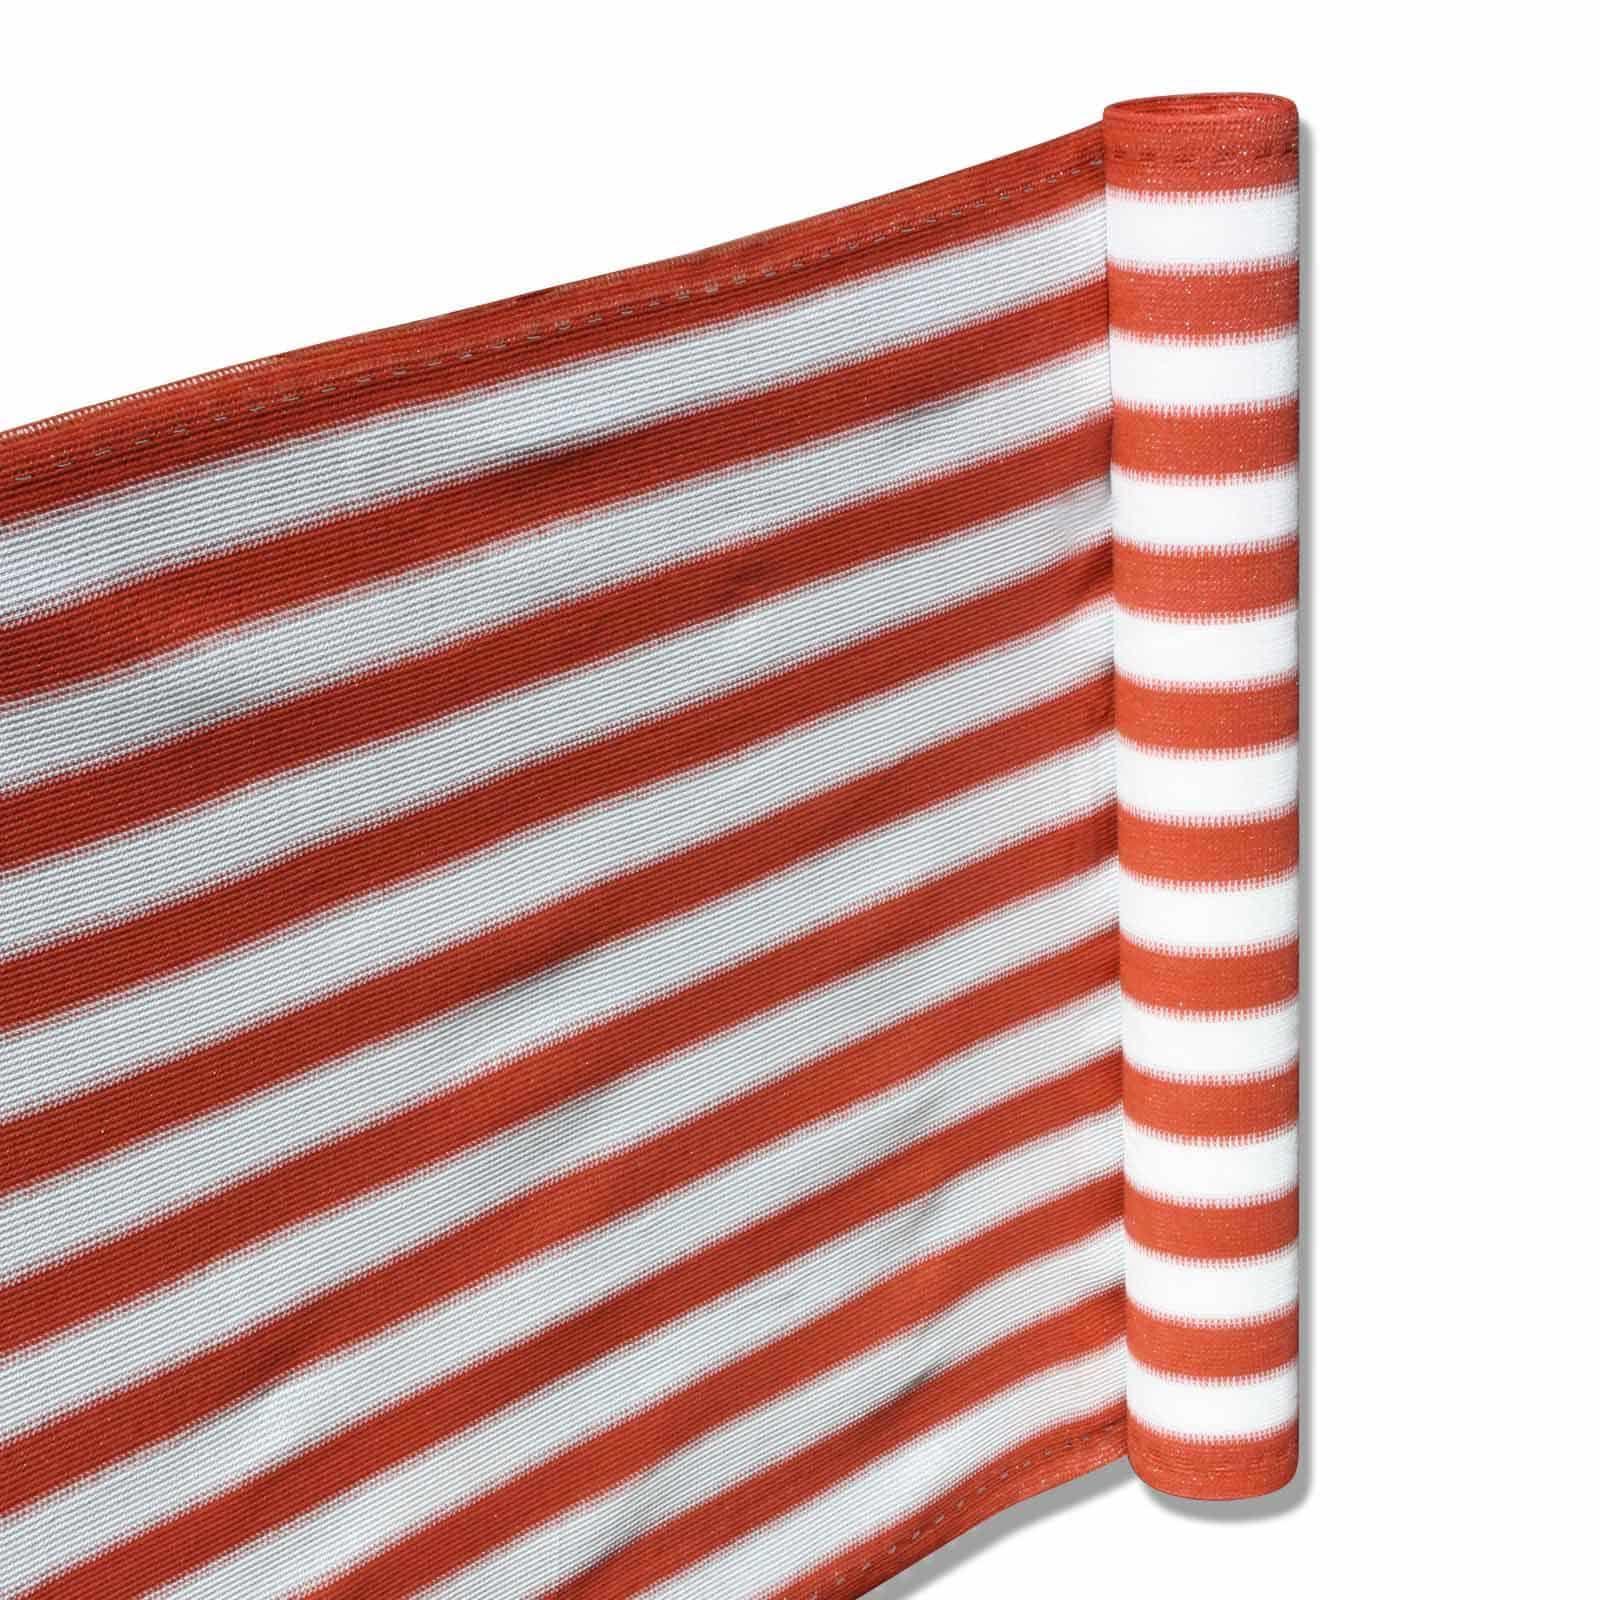 Hanse® Duurzaam Balkonscherm - Terracotta/Wit - Balkondoek - 500x90cm